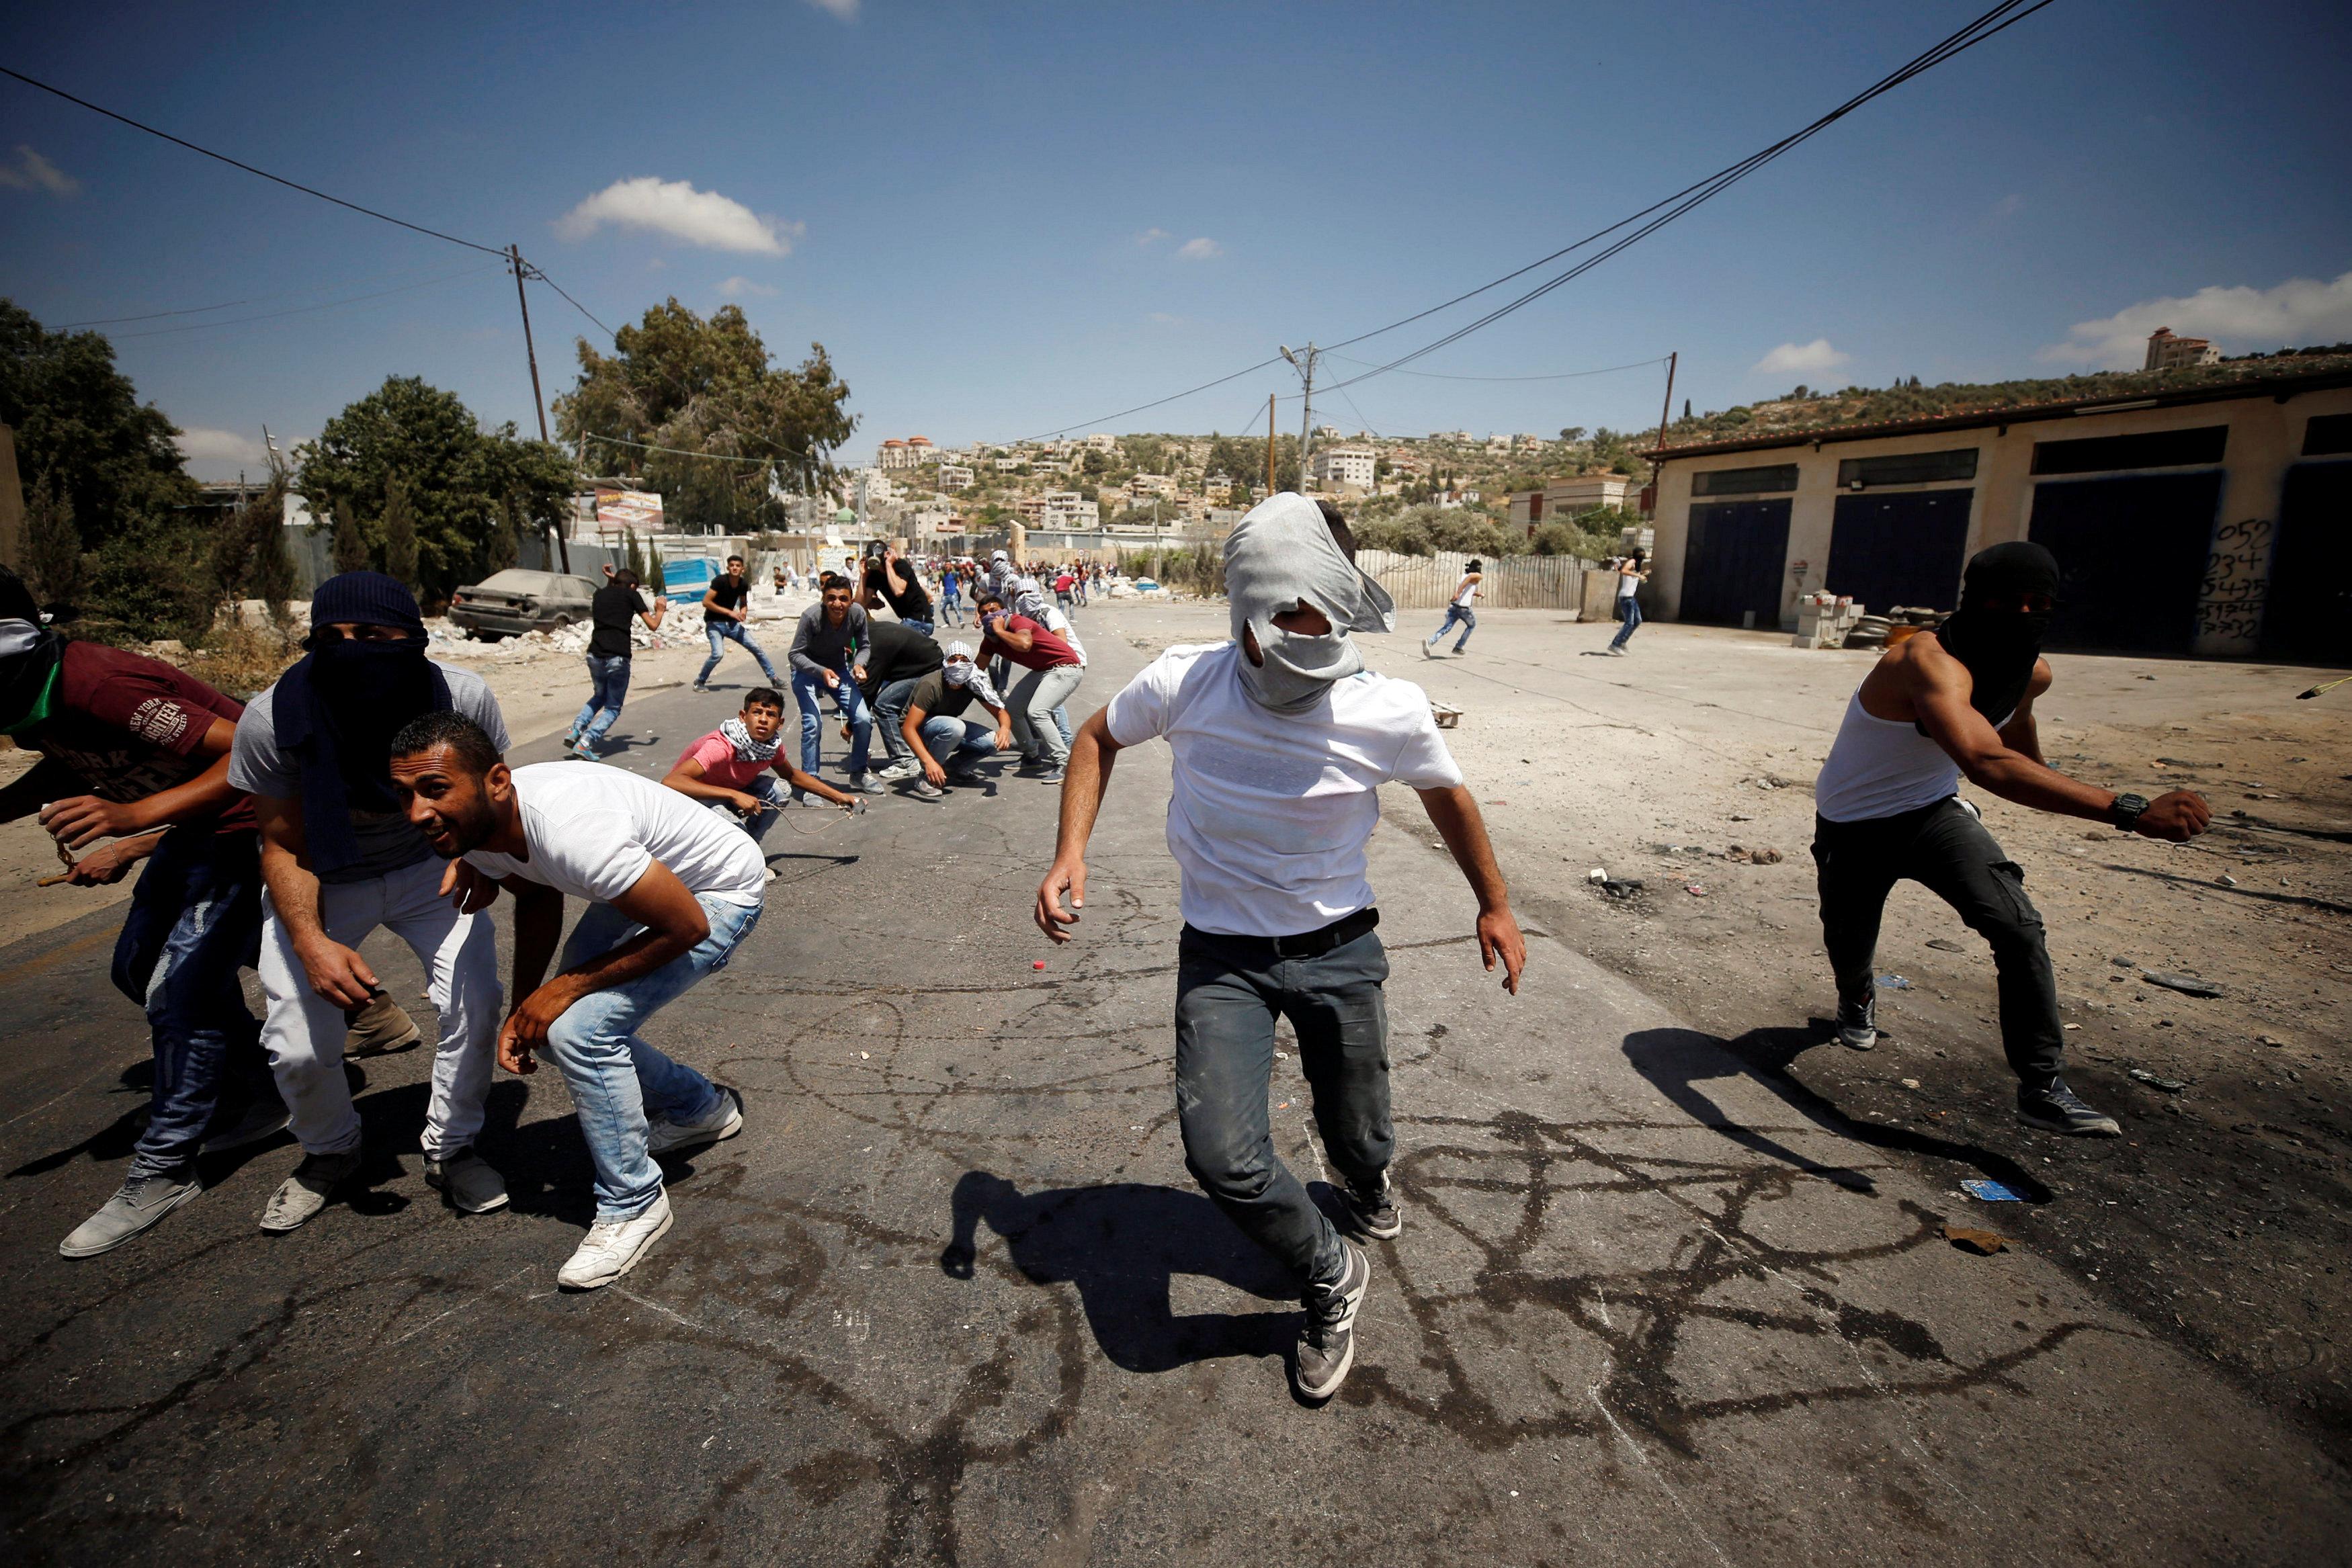 فلسطينيون يواجهون رصاص قوات الاحتلال بالحجارة